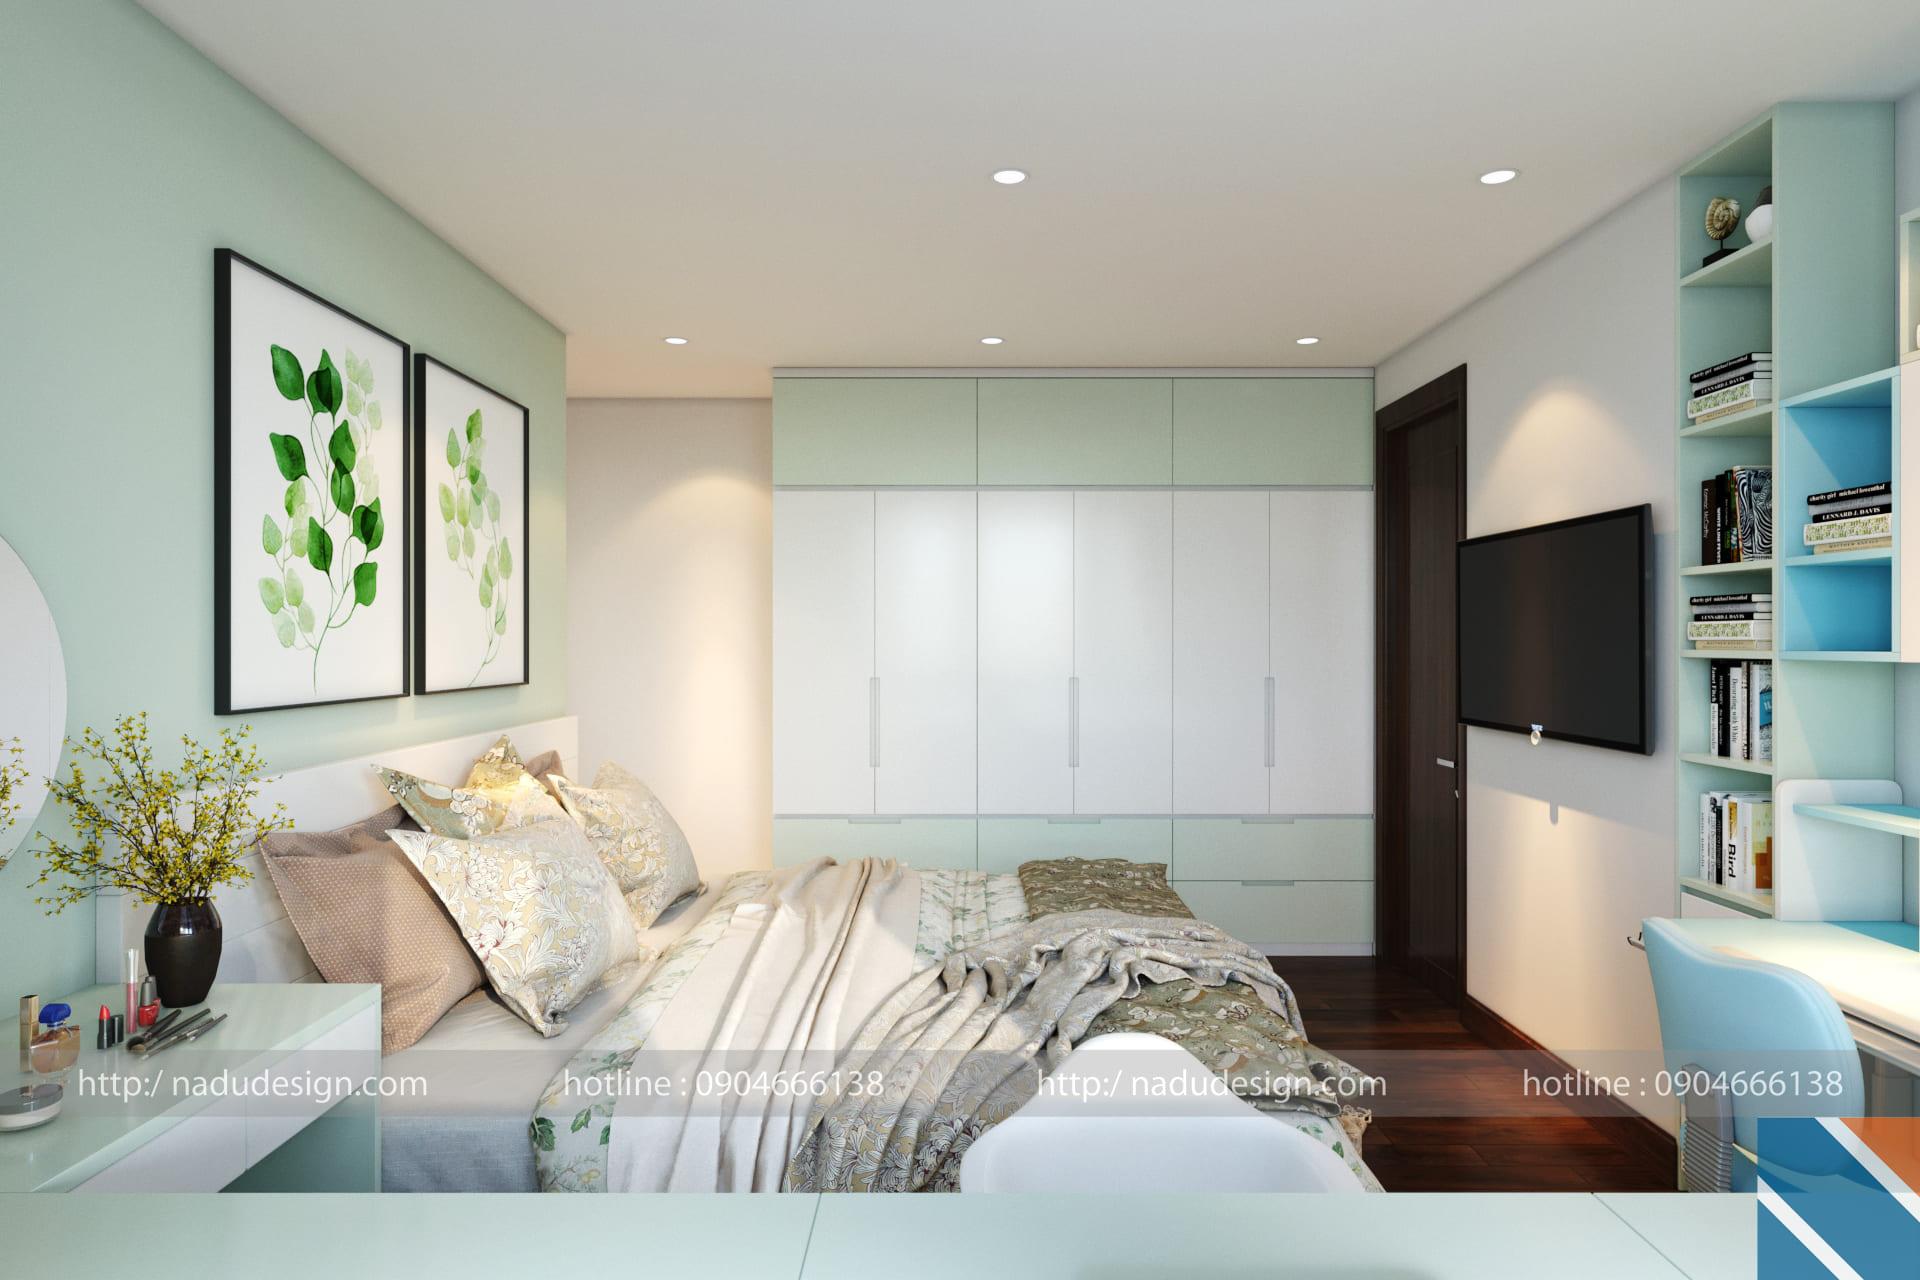 Mẫu thiết kế nội thất phòng ngủ nhỏ 10m vuông đẹp đơn giản